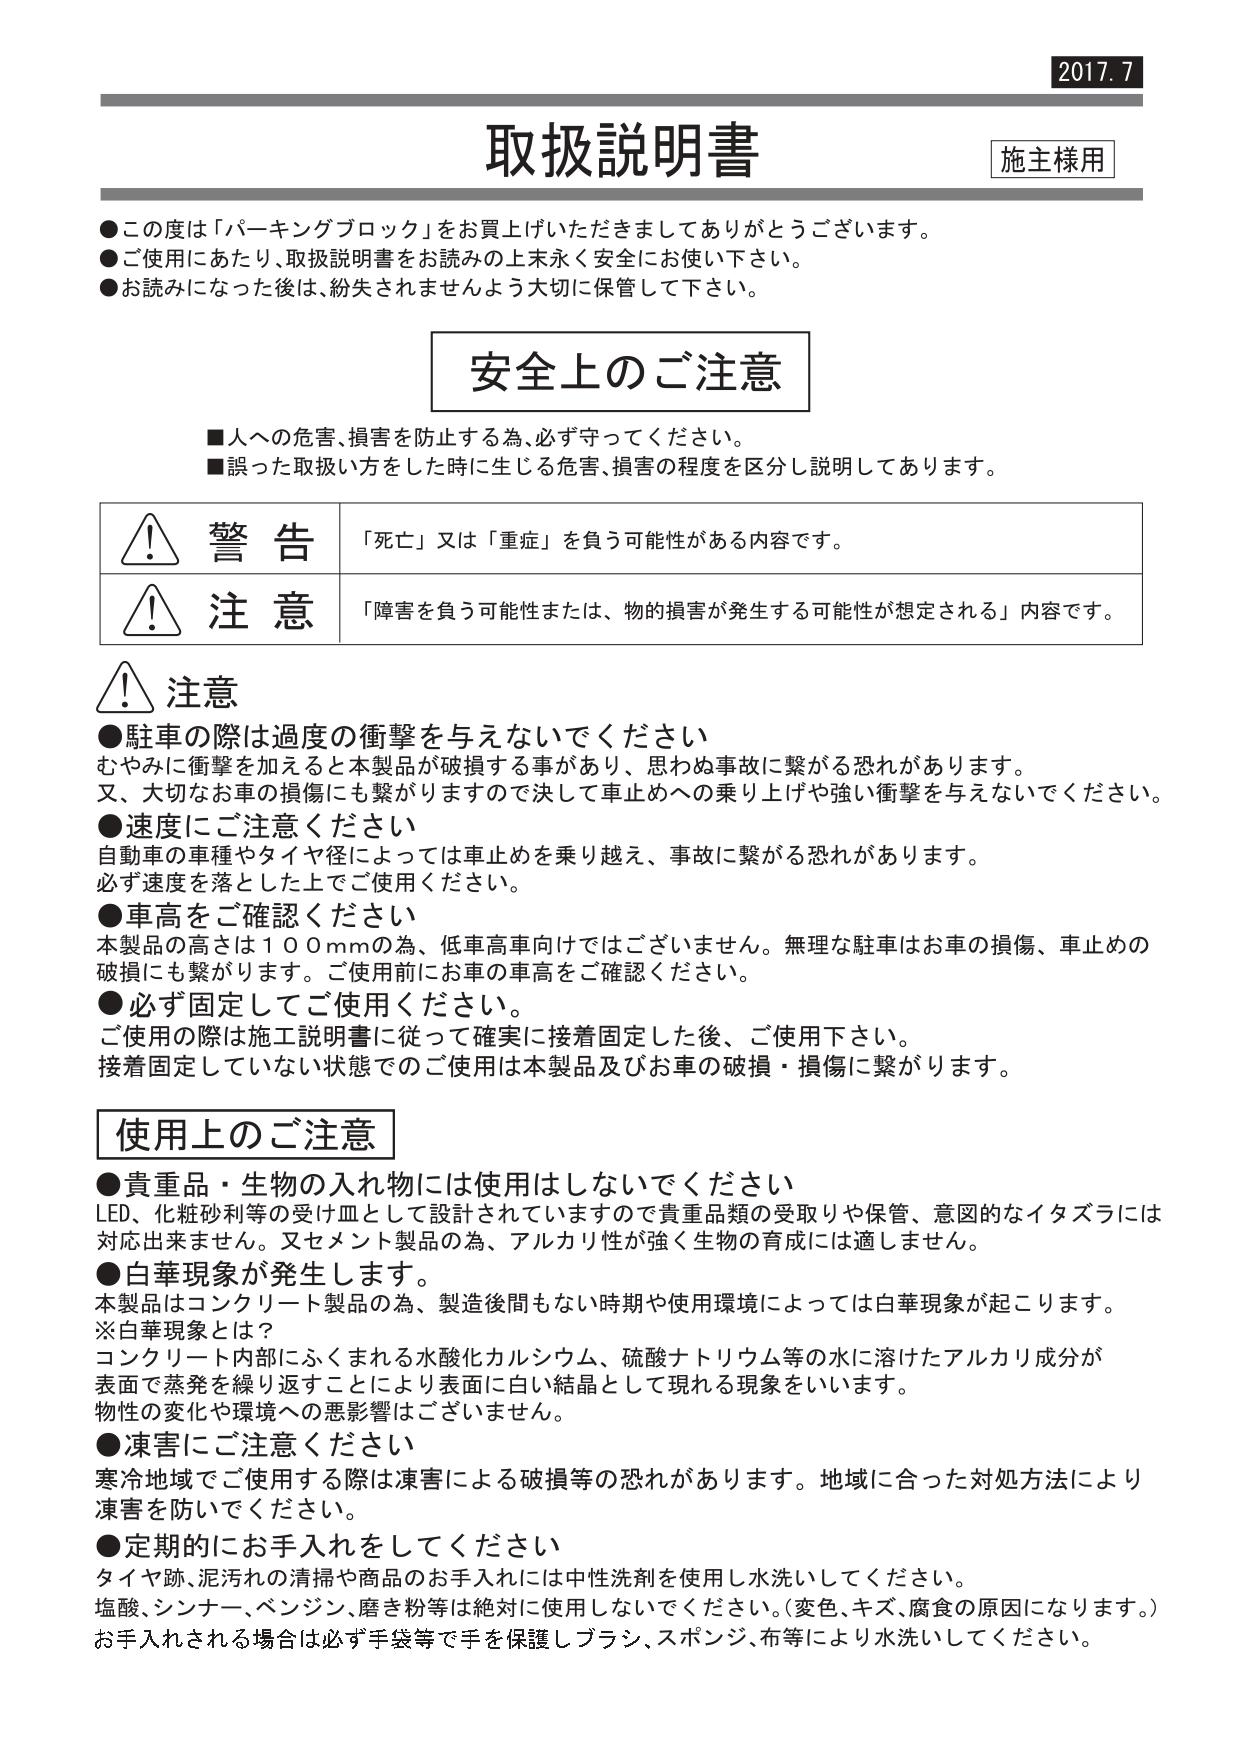 パーキングブロックフレーム 取り扱い説明書_page-0001